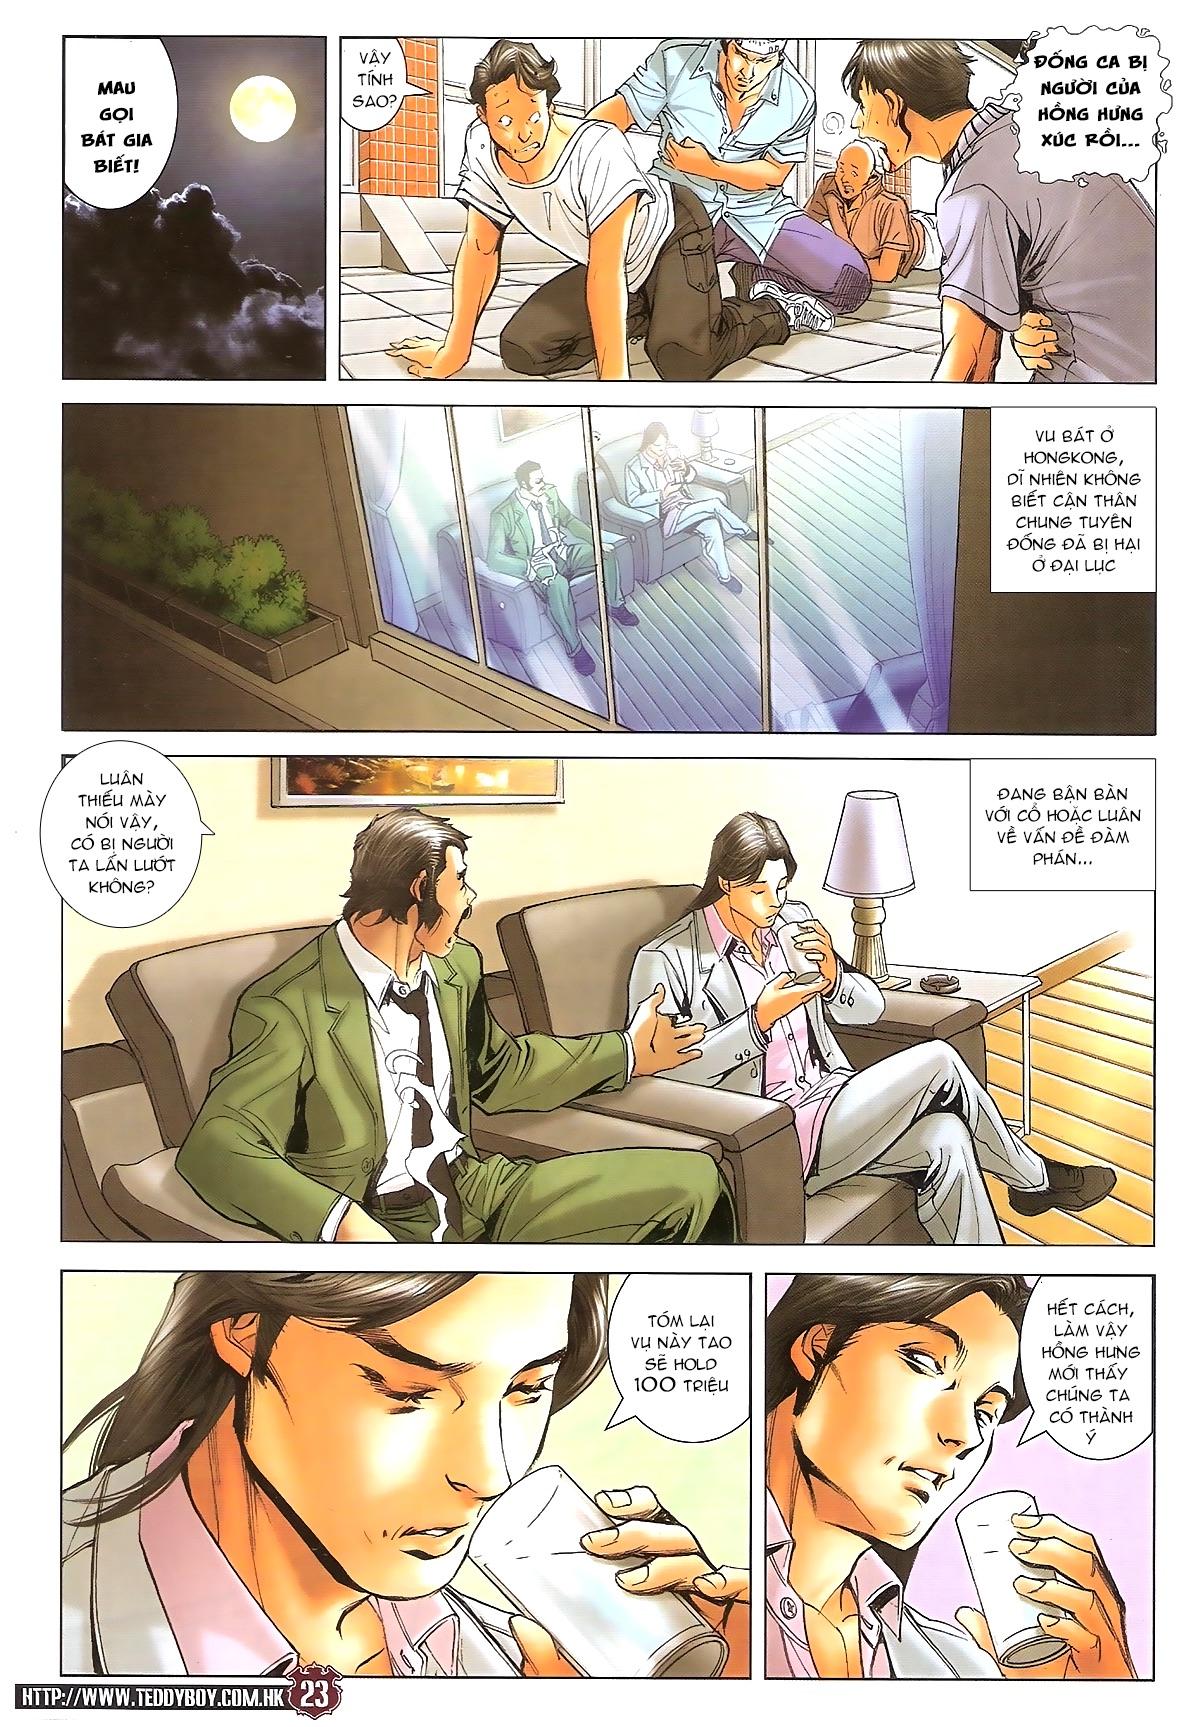 Người Trong Giang Hồ - Ngũ Hổ qui thiên - Chapter 1717: Đàm phán siêu cấp 3 - Pic 22